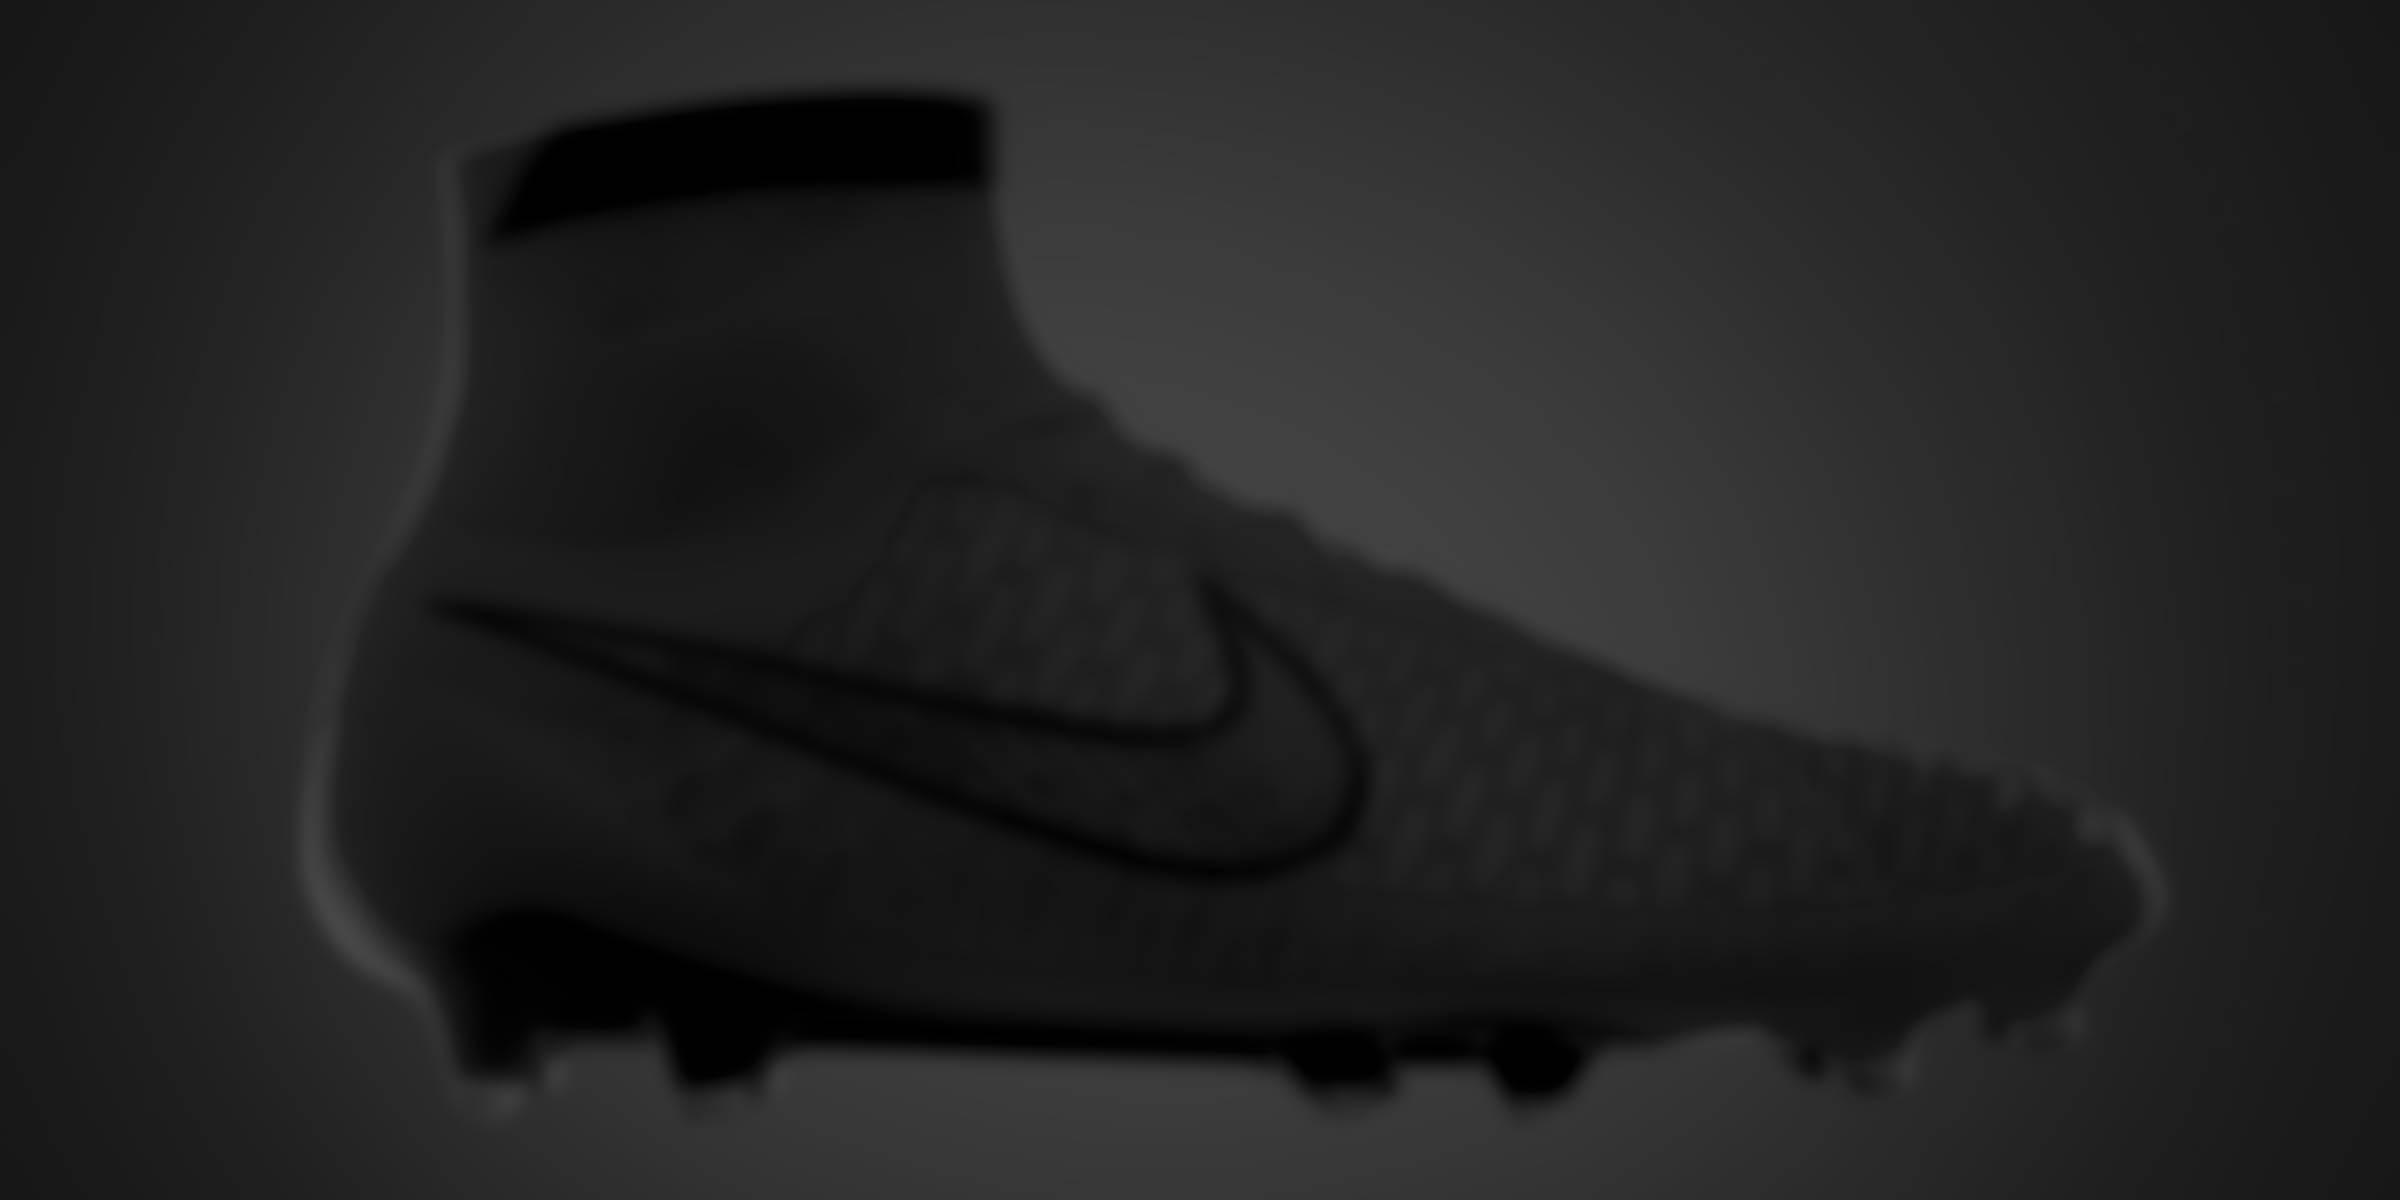 Nike Magista Obra: Tech Talk Fit YouTube